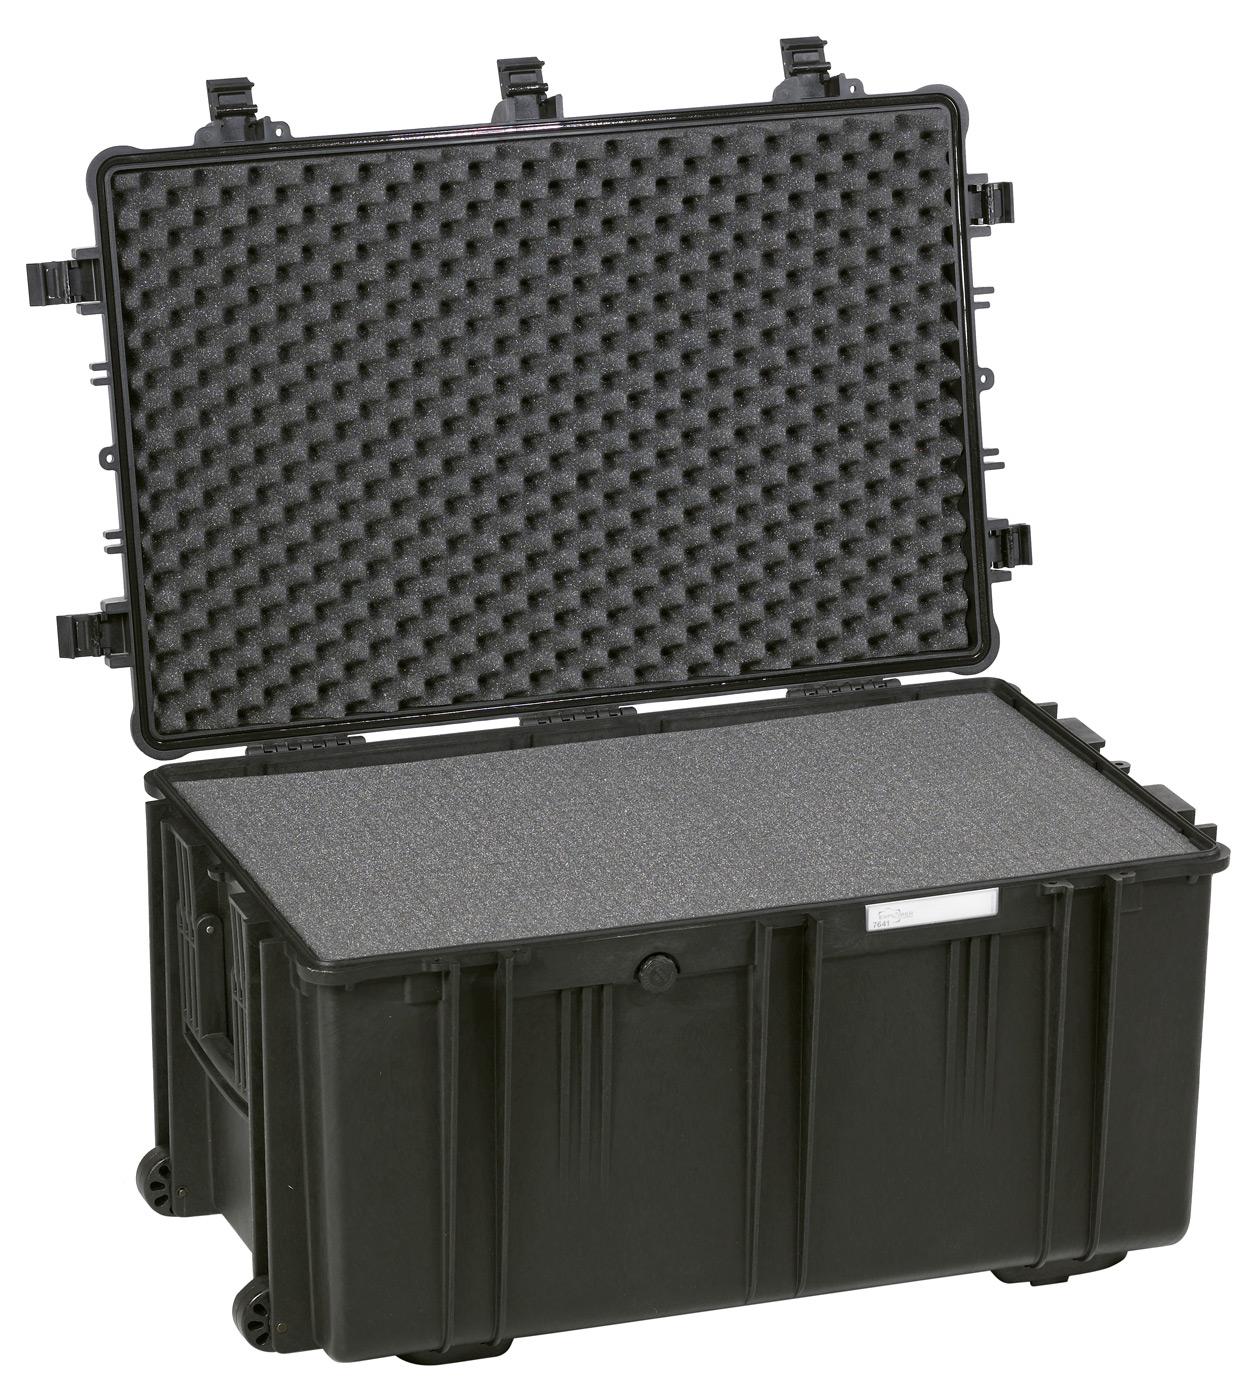 explorer koffer modell 7641 graphicart produkte und dienstleistungen f r die fotografie. Black Bedroom Furniture Sets. Home Design Ideas